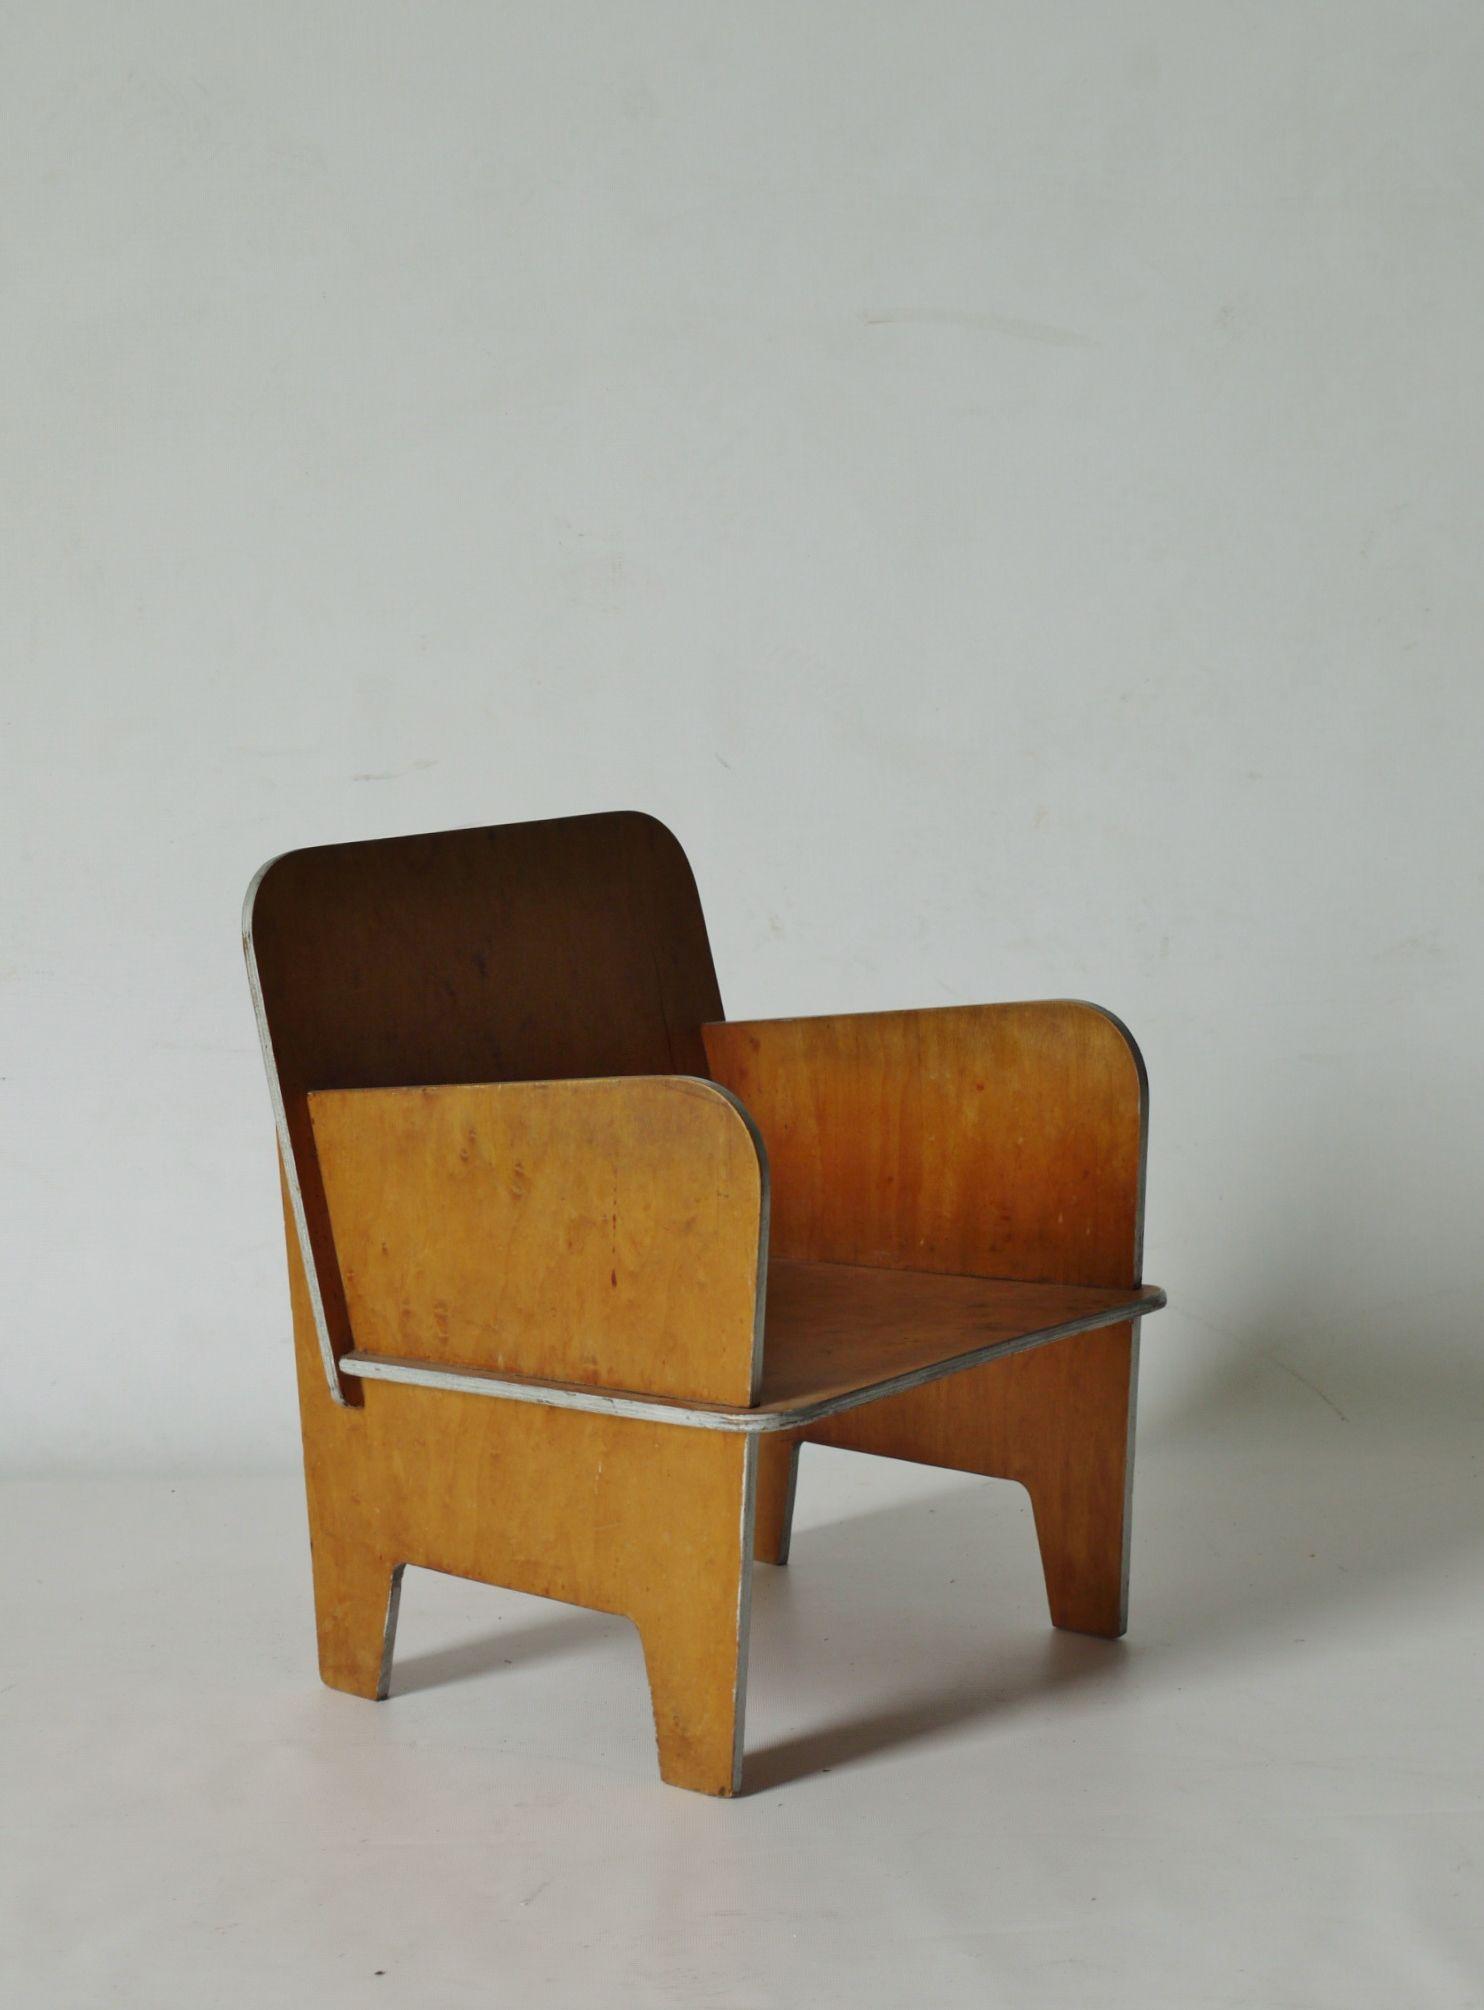 Sillón de madera del diseñador #Merzbau .#mobiliario #furniture #inspiración #inspiration #funcional #functional #decoración #deco #natural #madera #wood #diseño #design #sillón #armchair